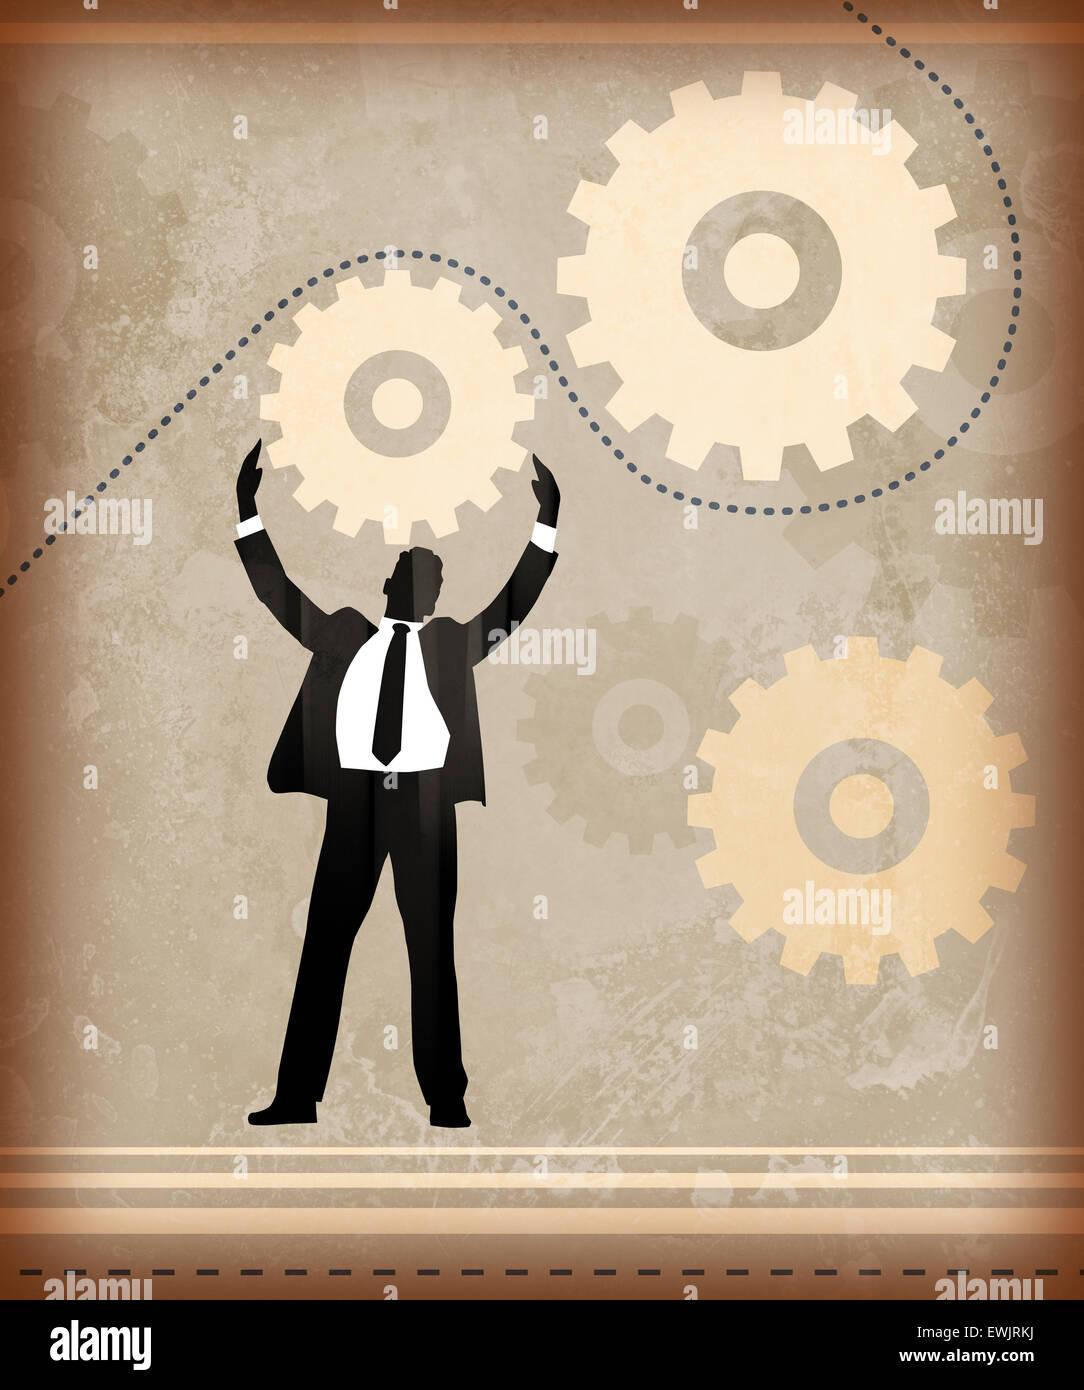 Image d'illustration du mécanisme d'affaires représentant des entreprises Photo Stock